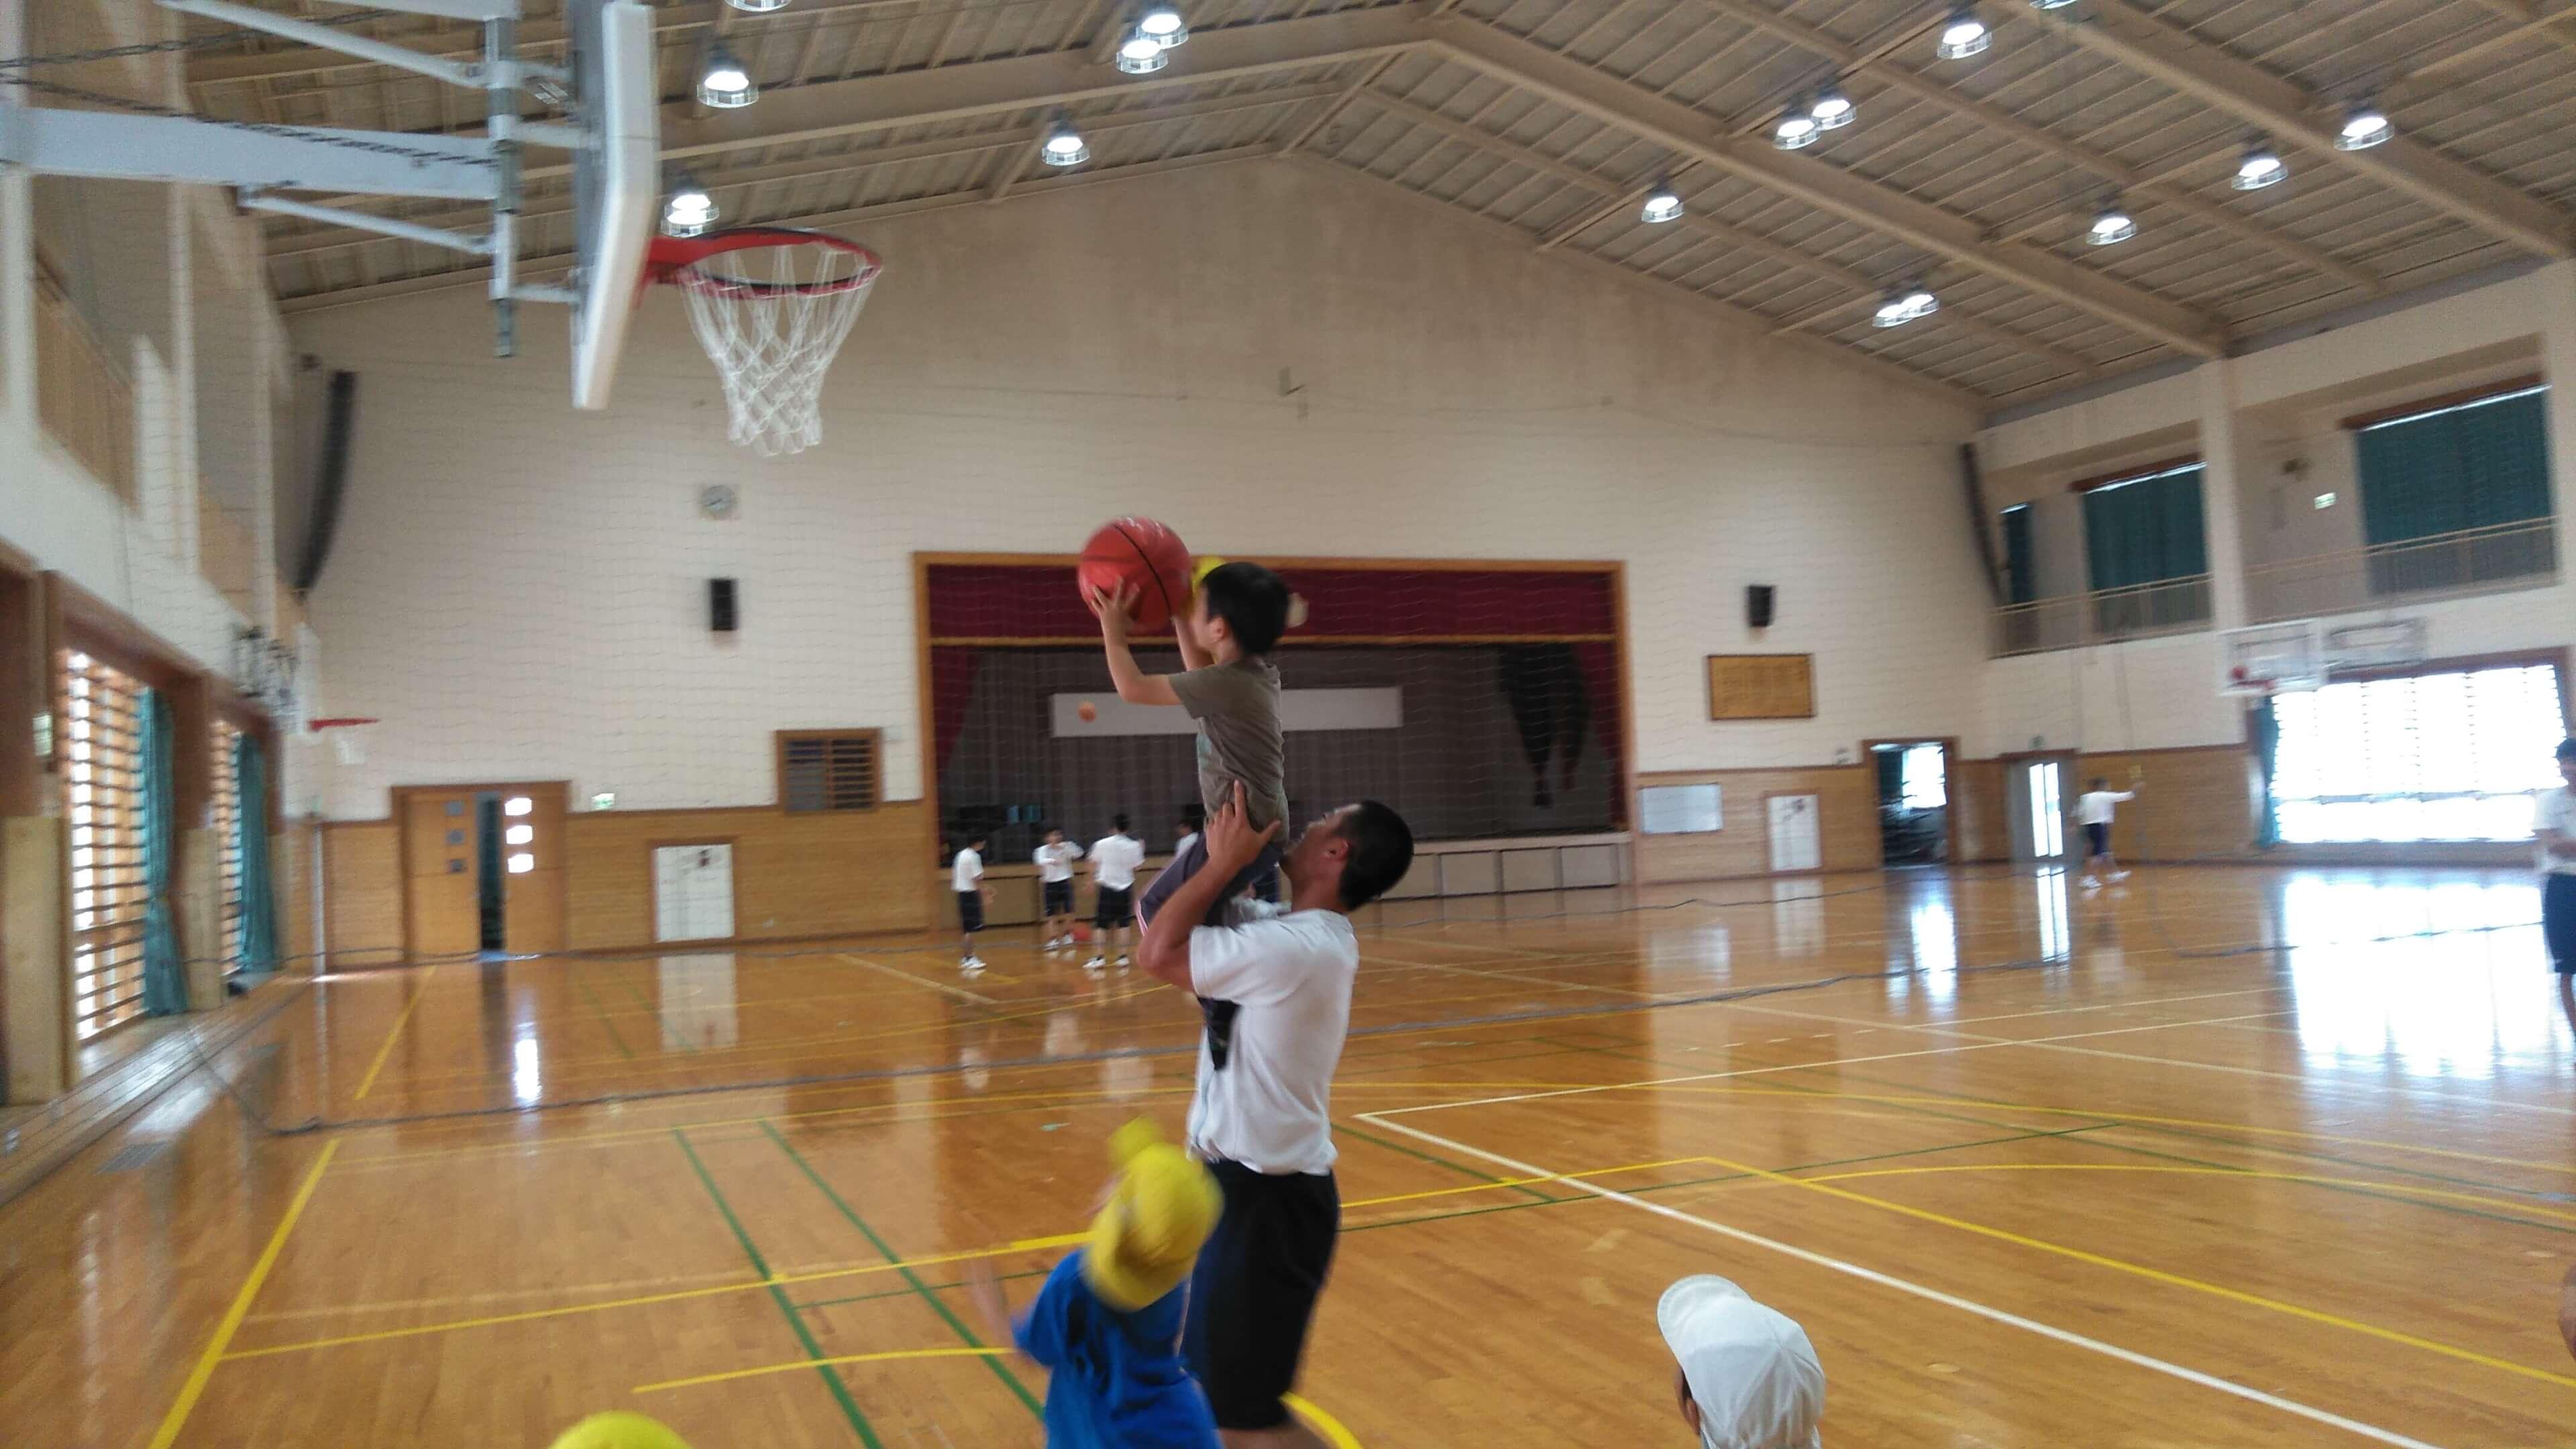 体育館でバスケットボール体験。ボールが重くてゴールまで届きませんでした